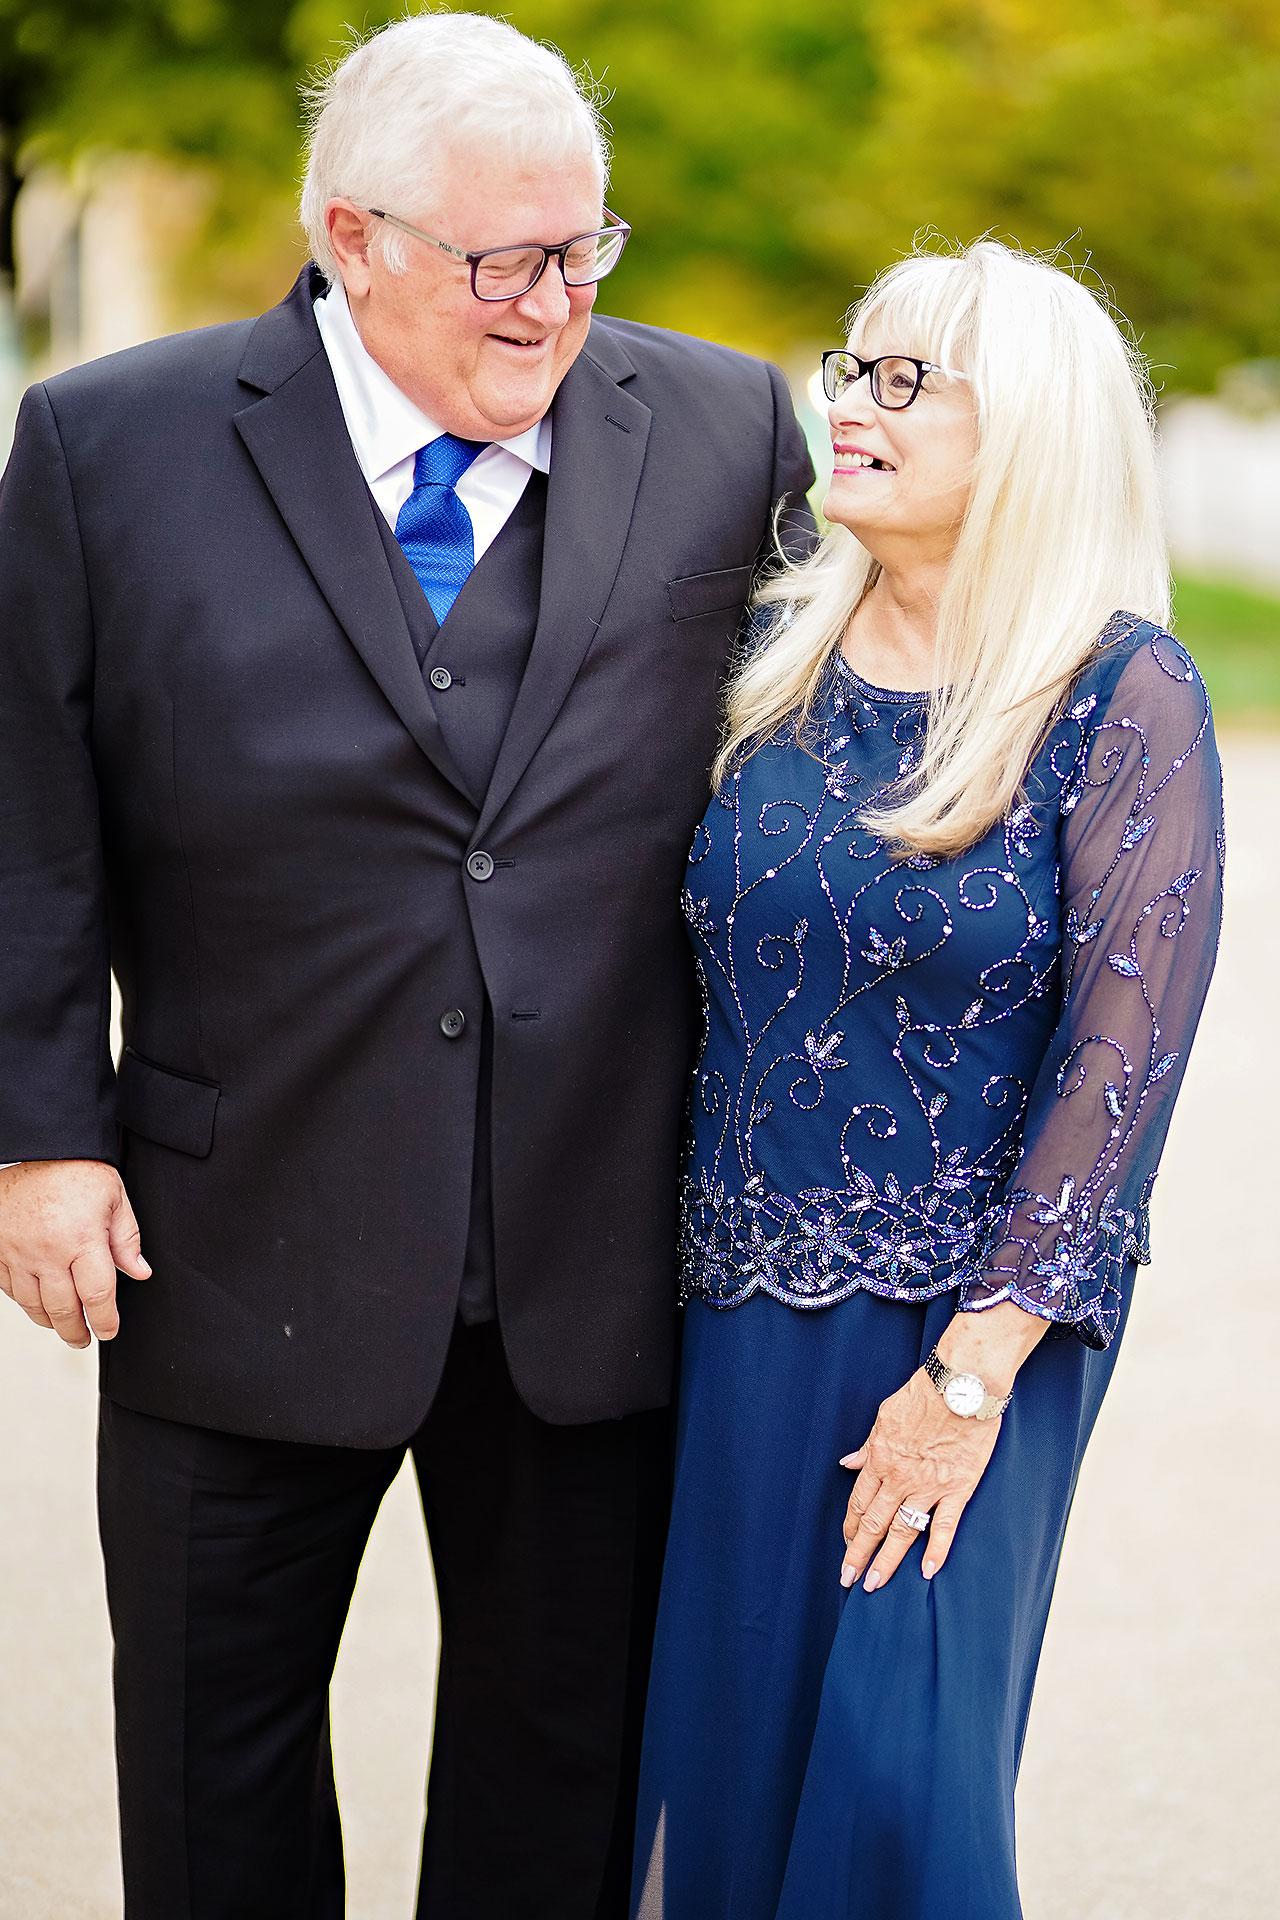 Keleigh Dennis Scottish Rite Wedding 092